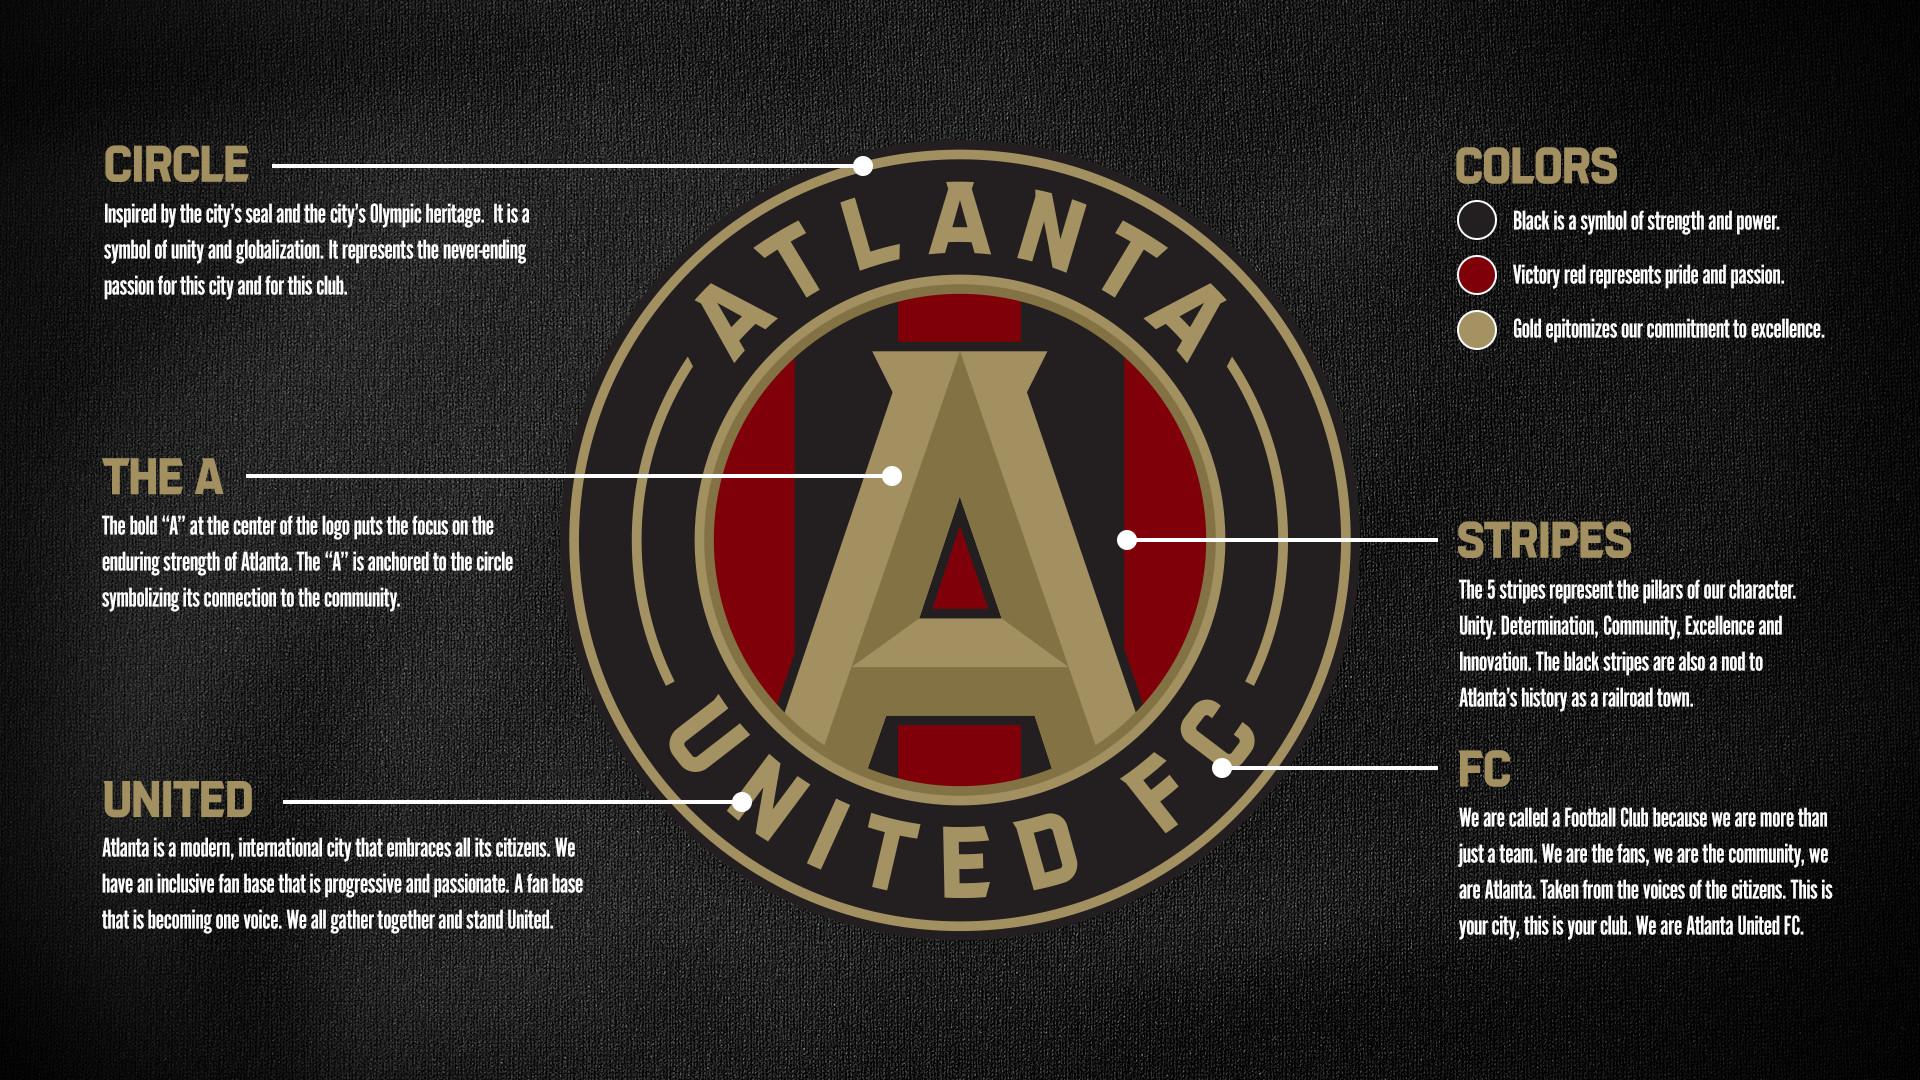 mls atlanta united noahisdabomb com